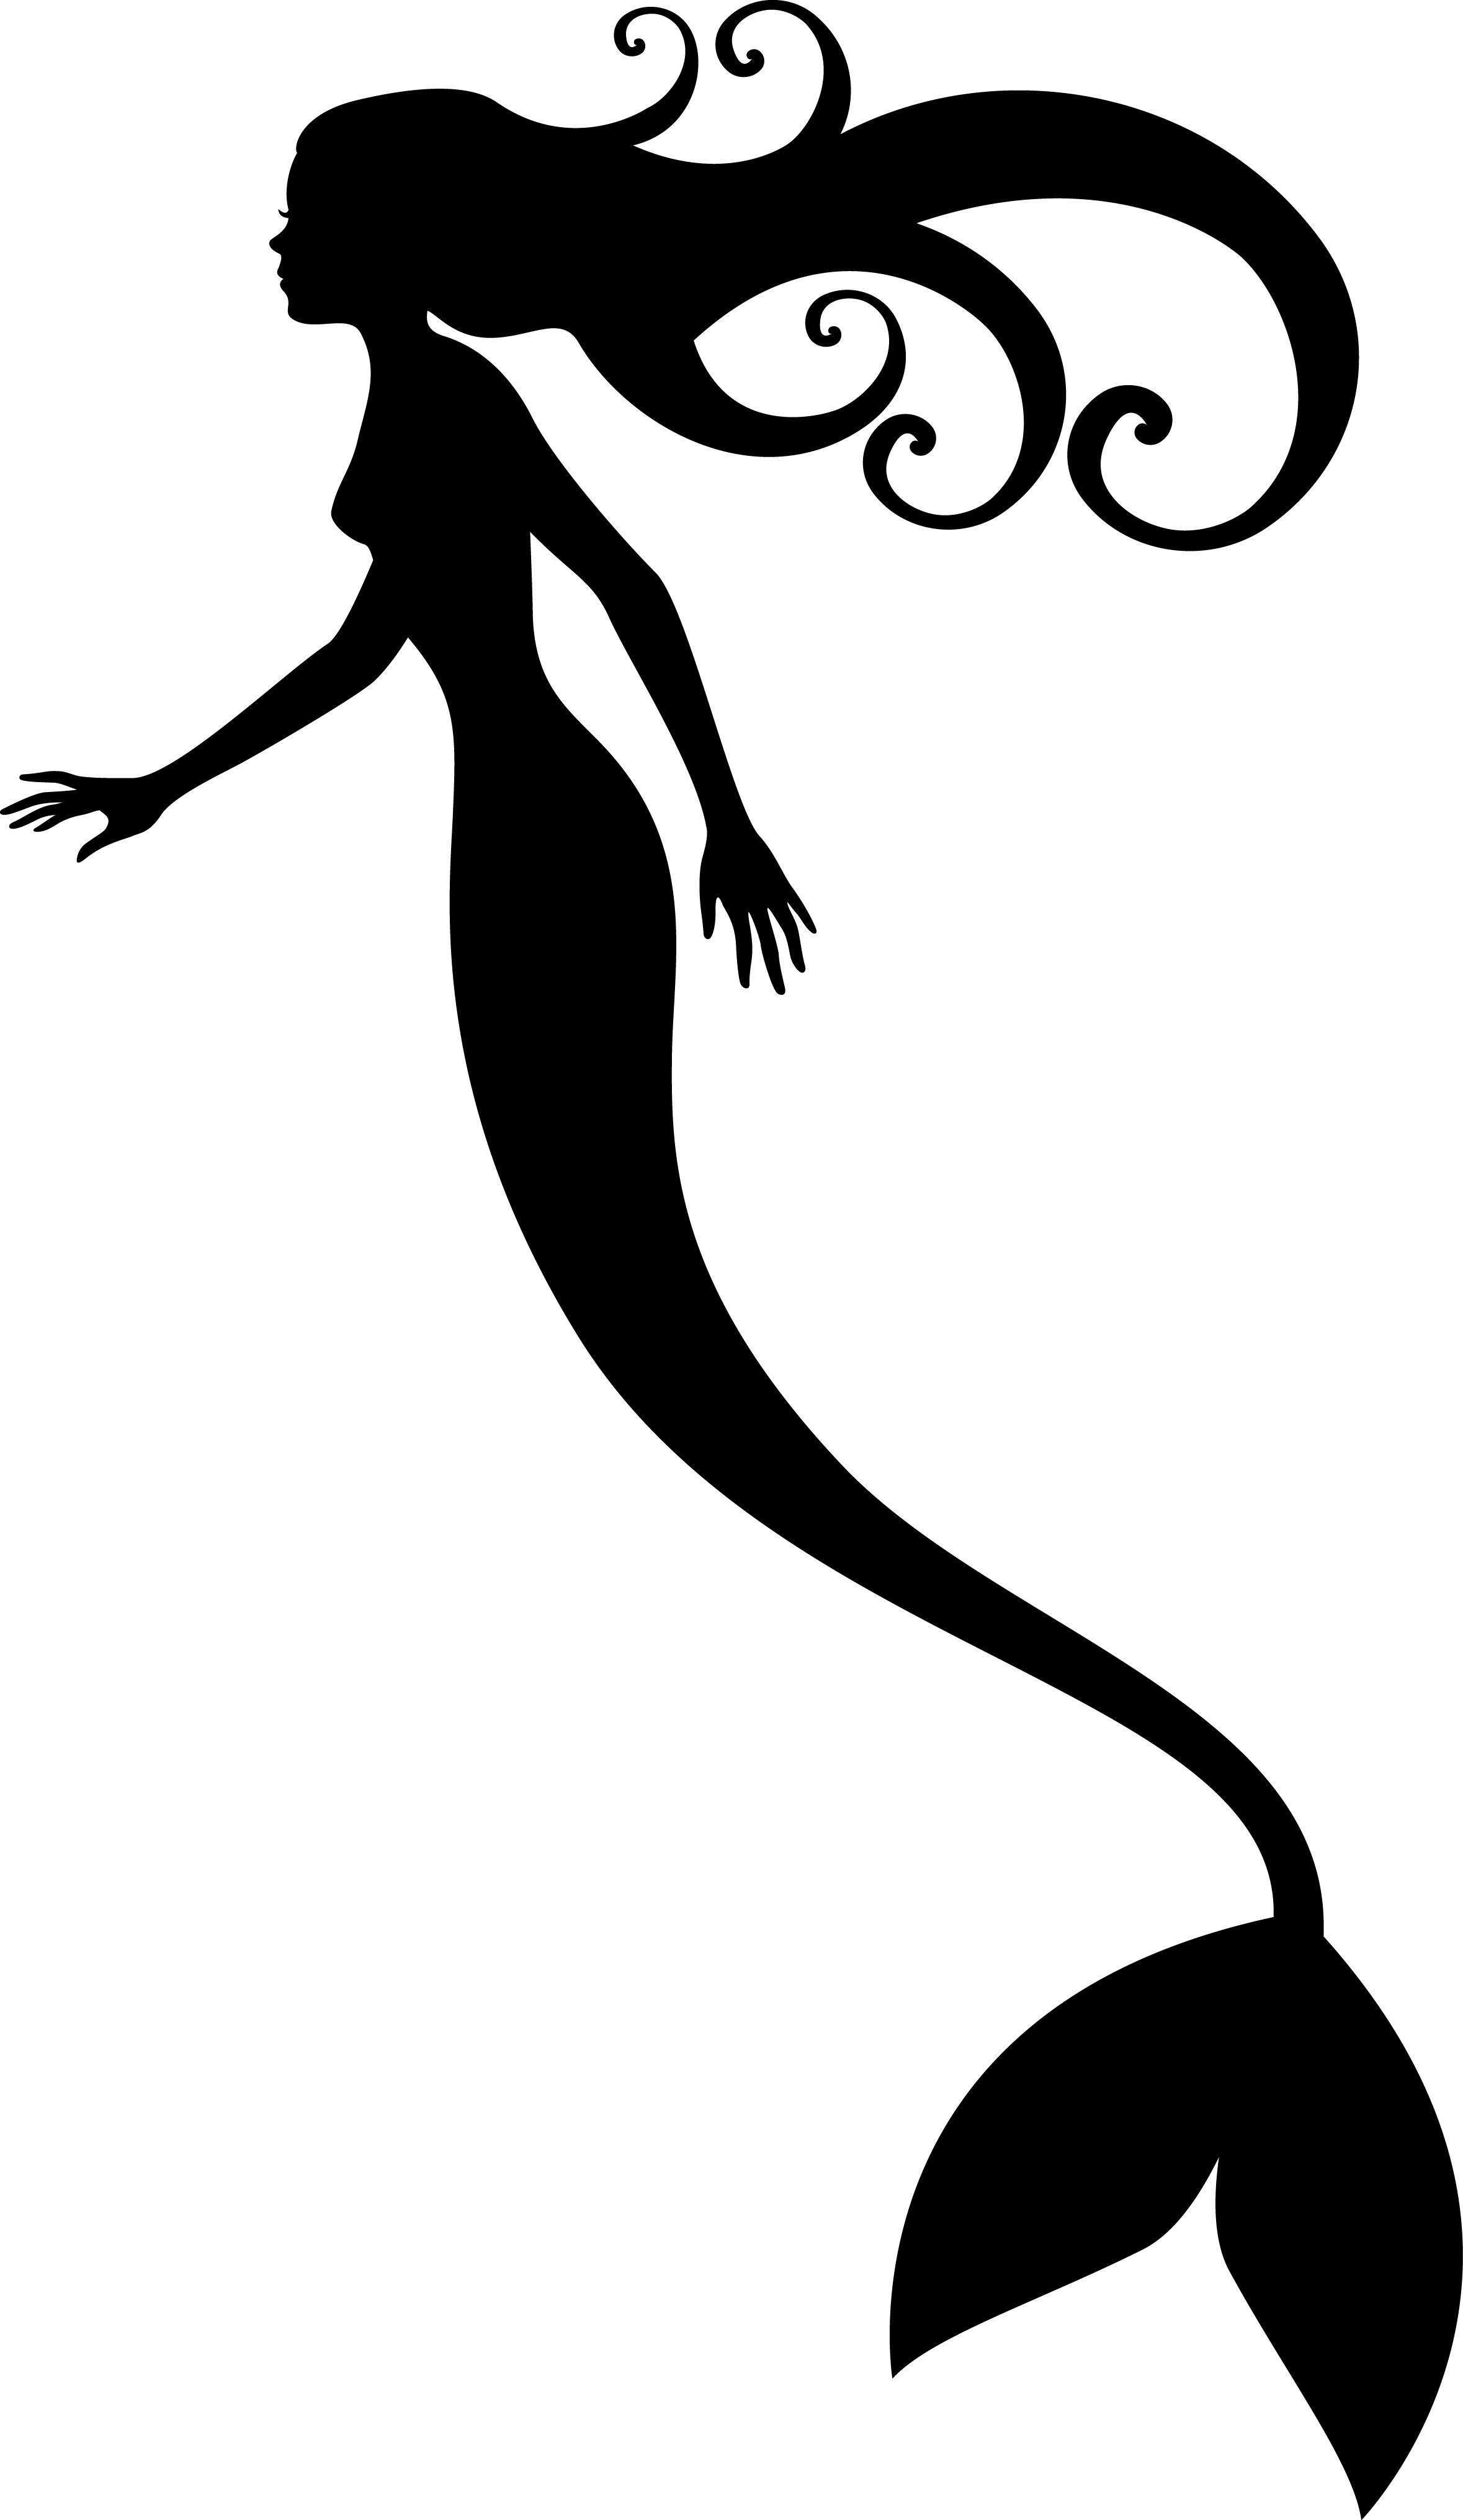 Mermaid silhouette.